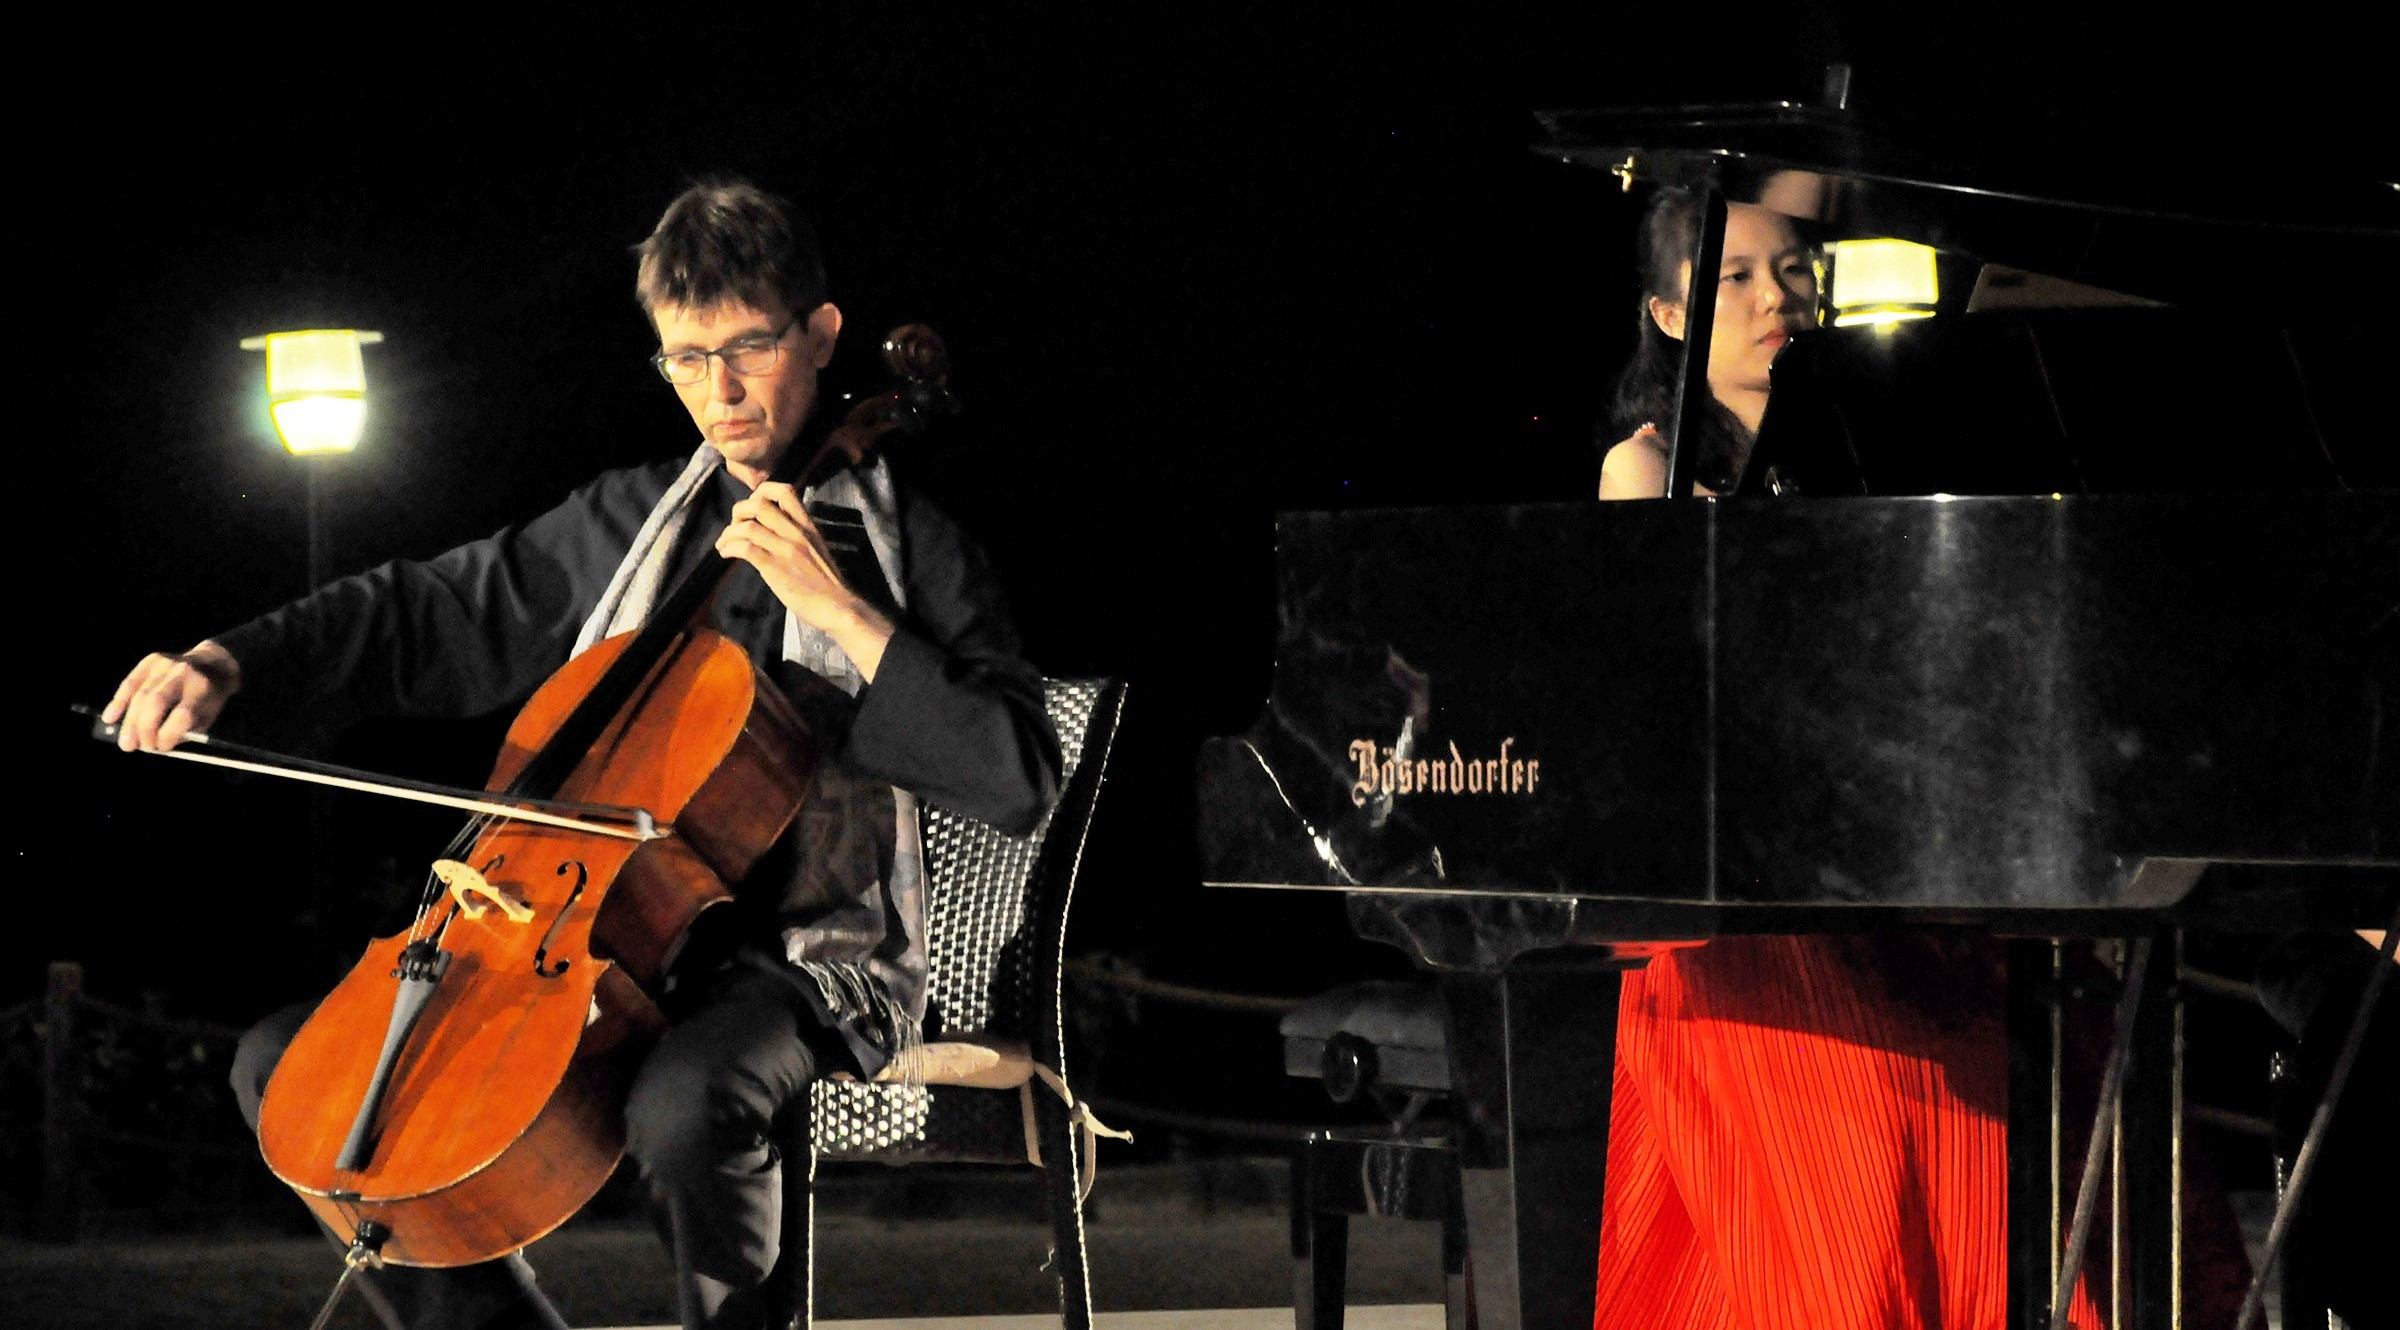 hua hsuan lee ZEFİRYA'DA VİYOLONSEL VE PİYANO UYUMU MEST ETTİ… gumusluk muzik festivali 2